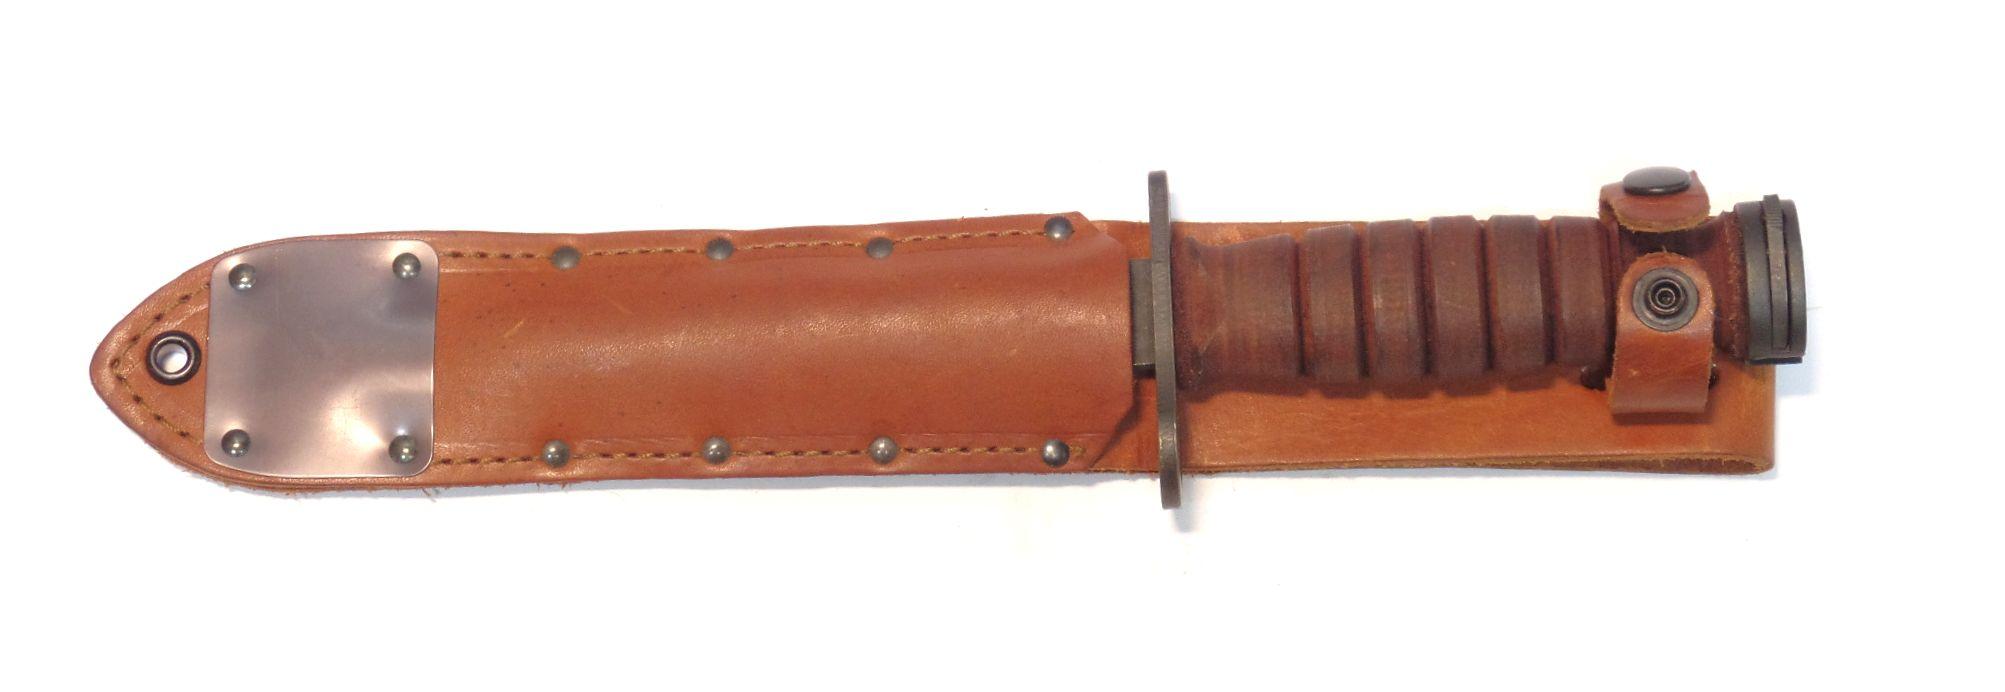 Baïonnette USM1 Camilus